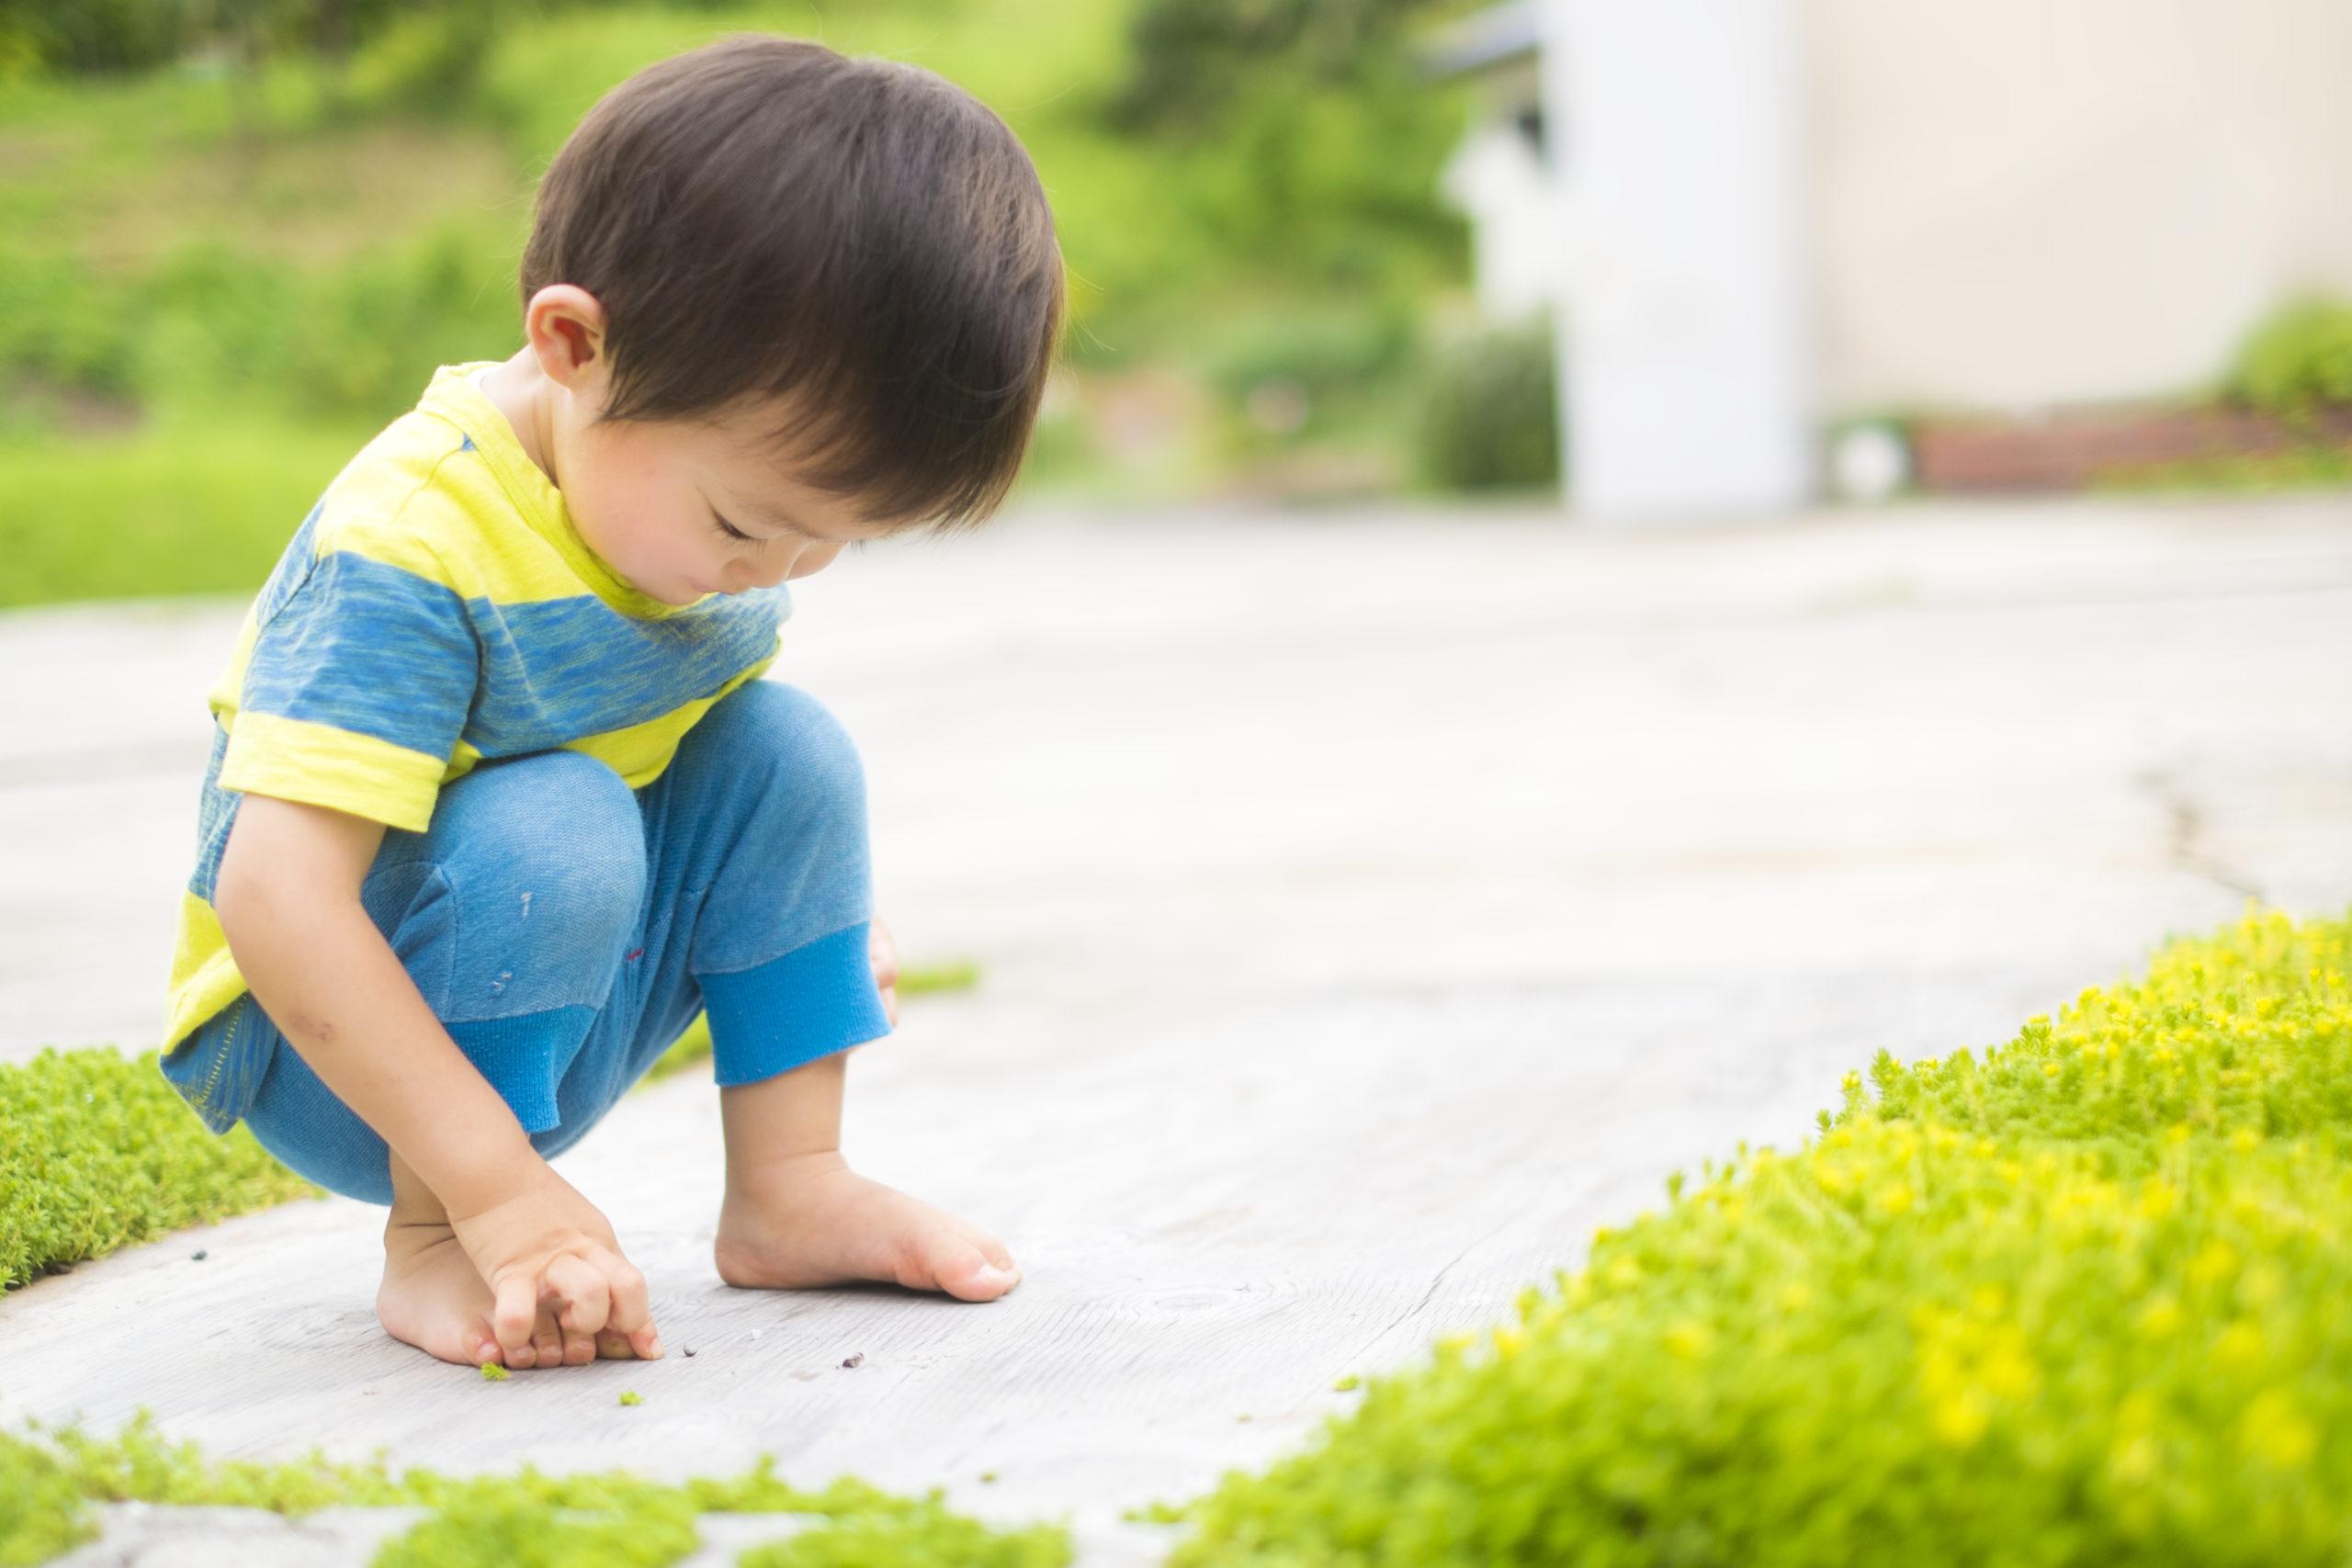 虫を探す男児